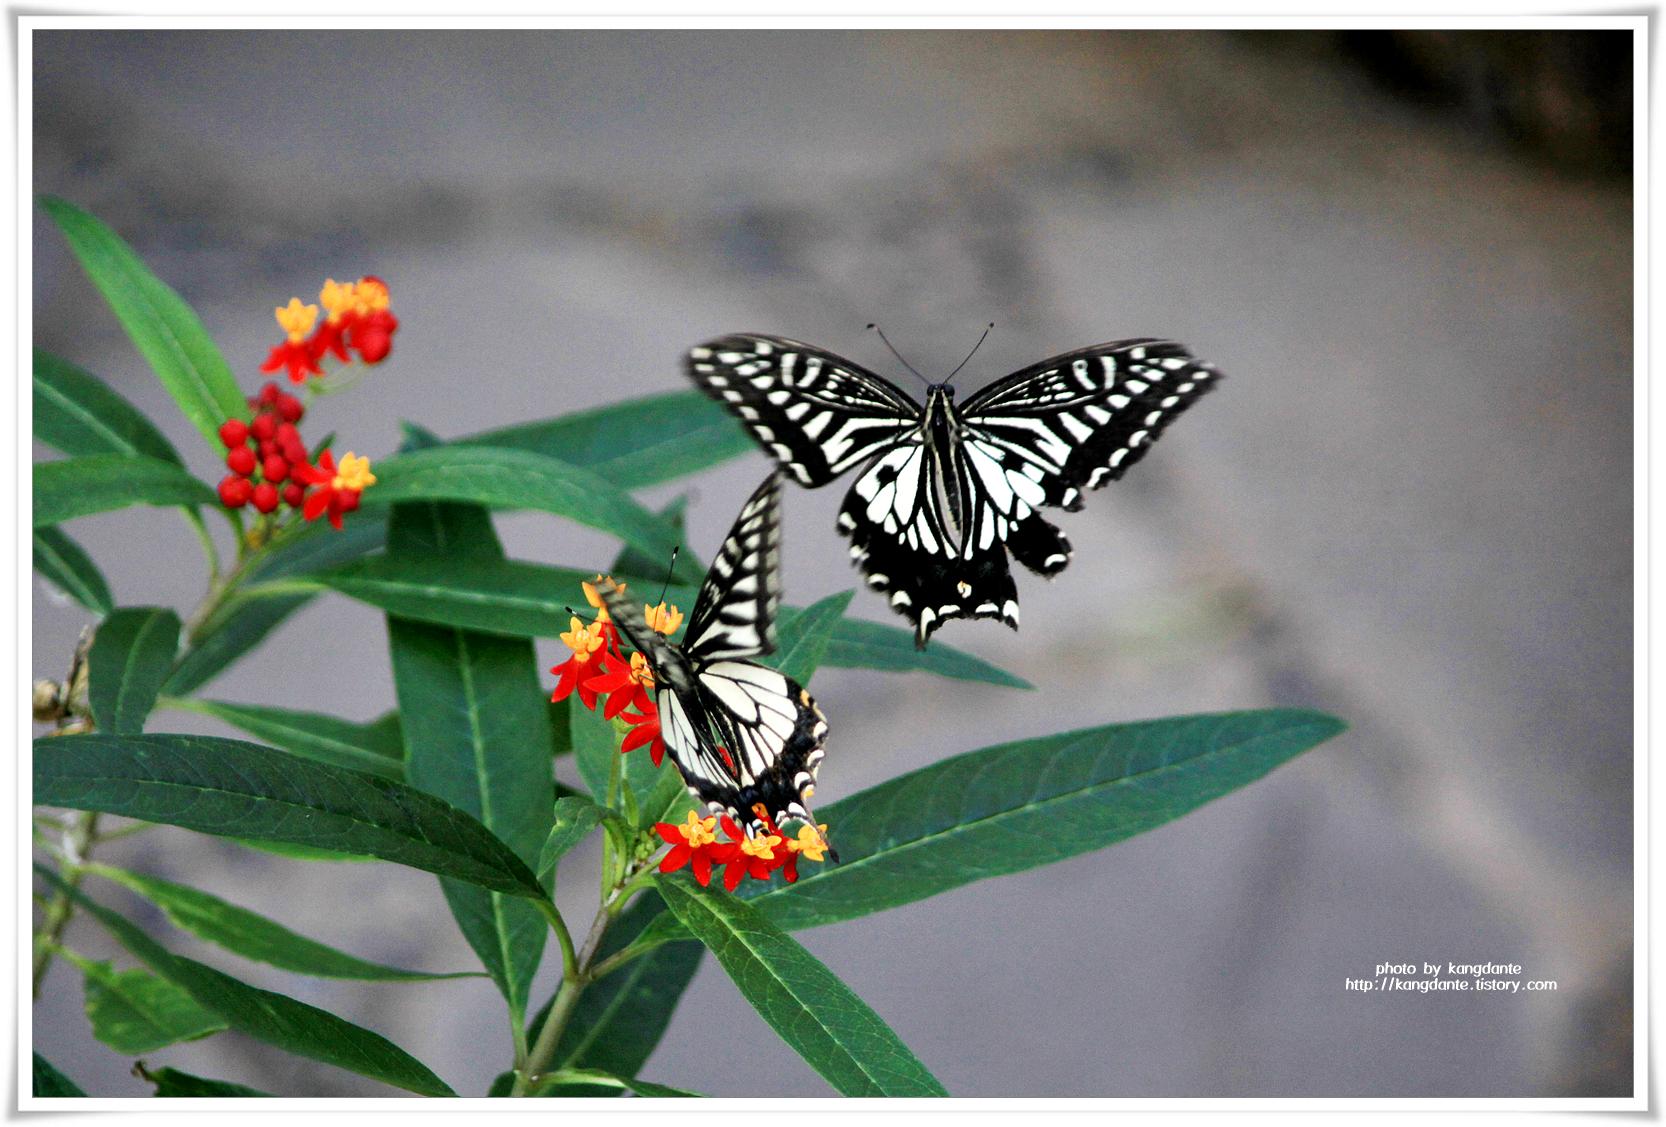 다양한 나비들이 한가로이 노니는 서울숲 나비정원